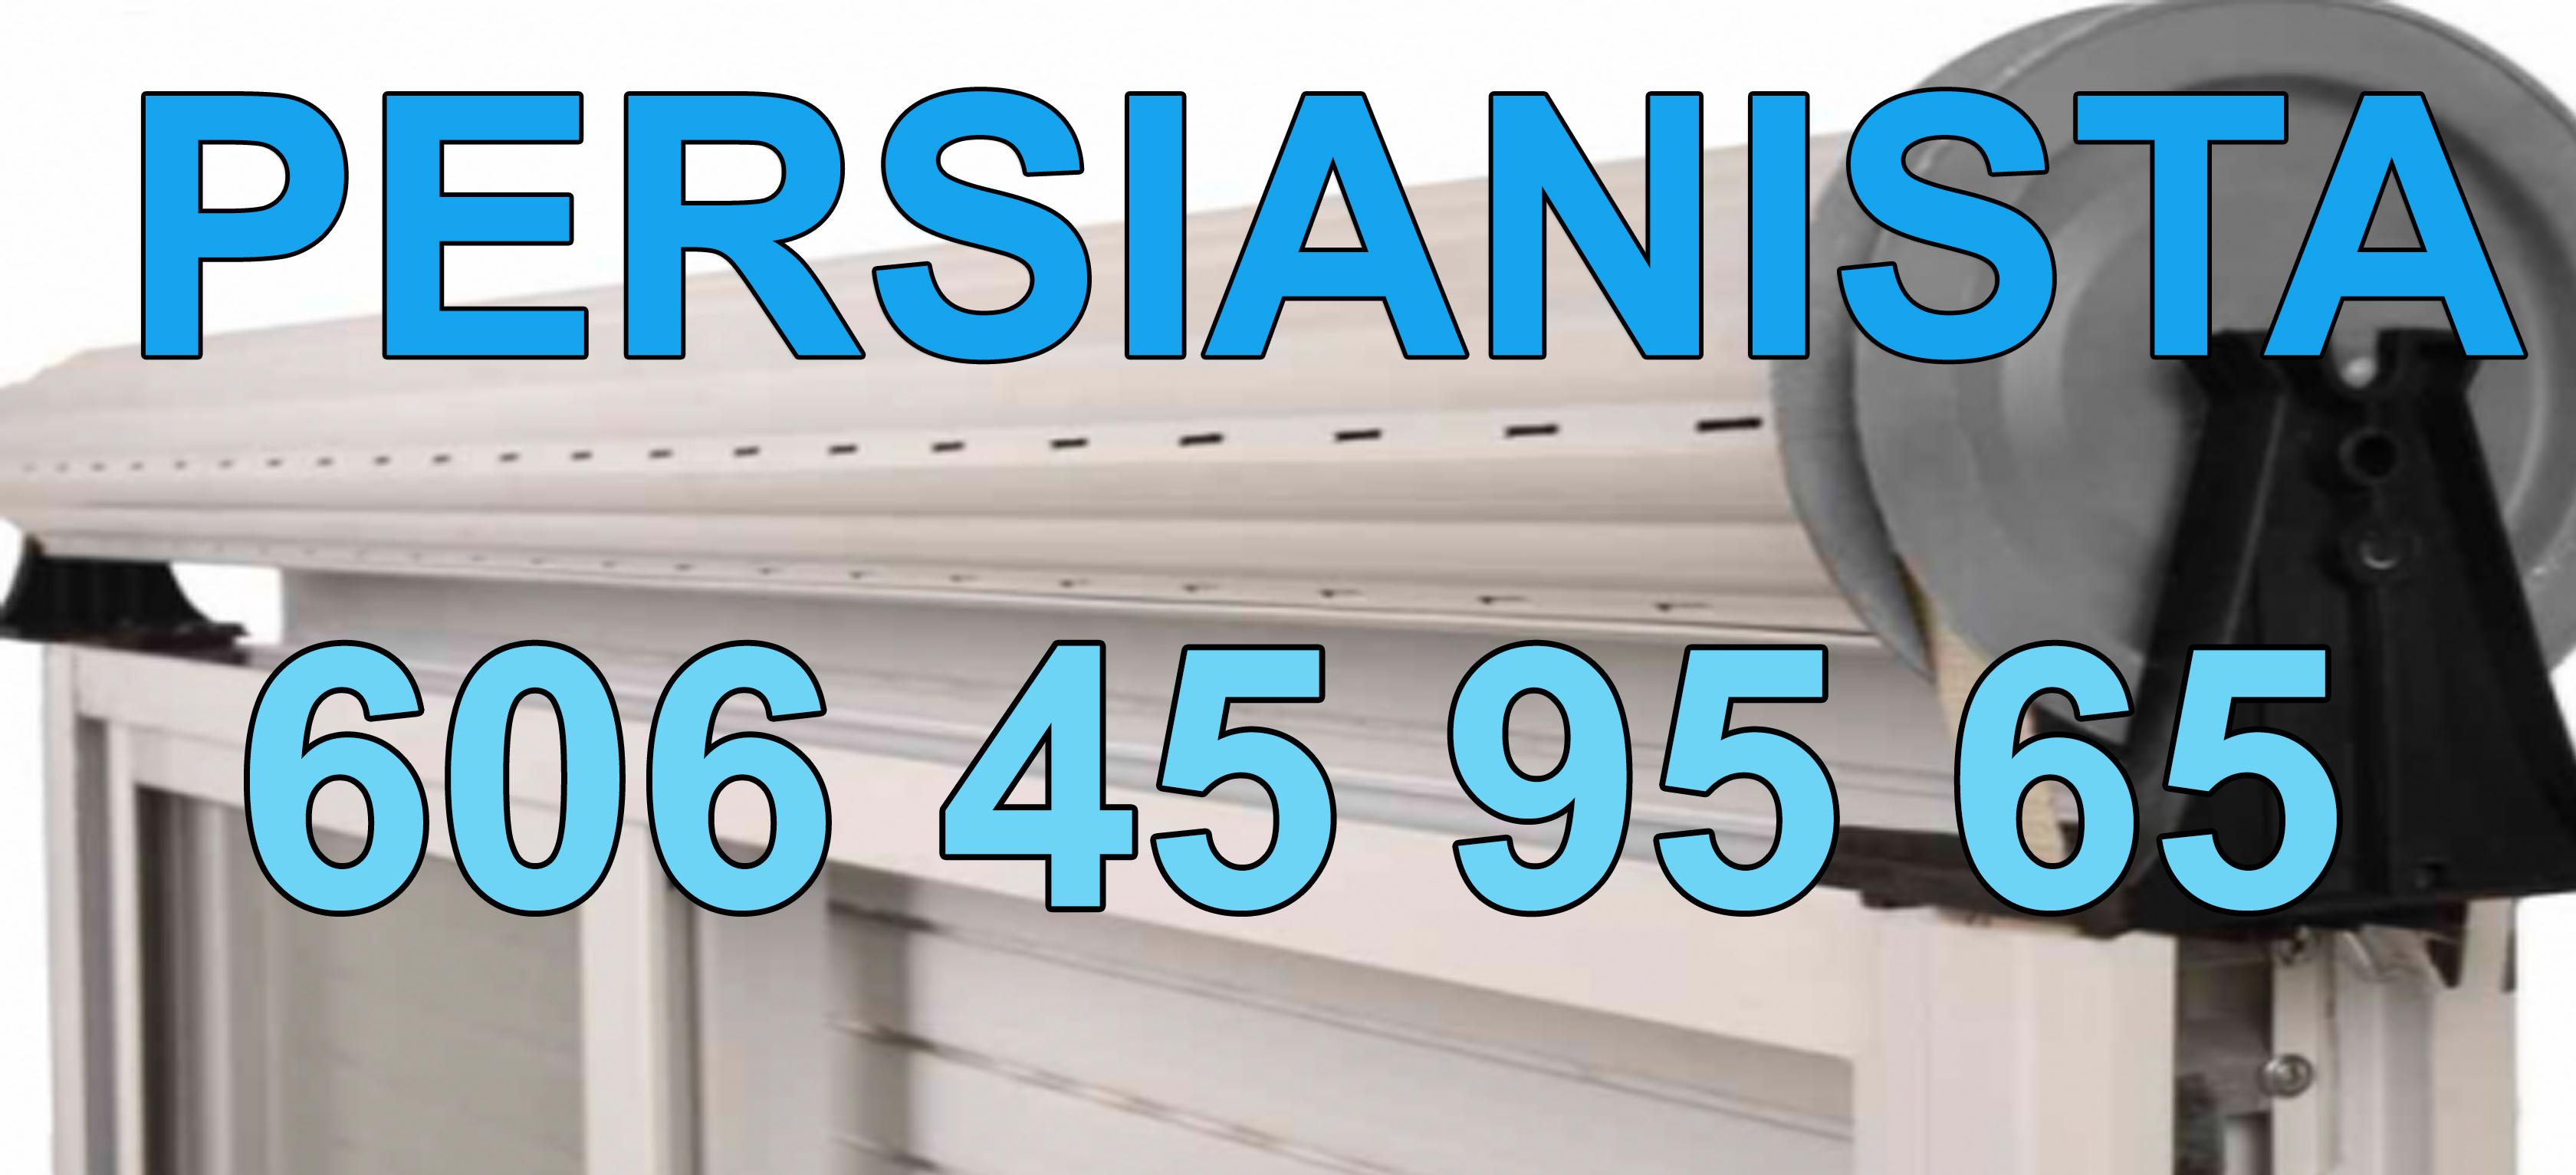 Reparaciones de persianas Rubió en domicilios y locales.